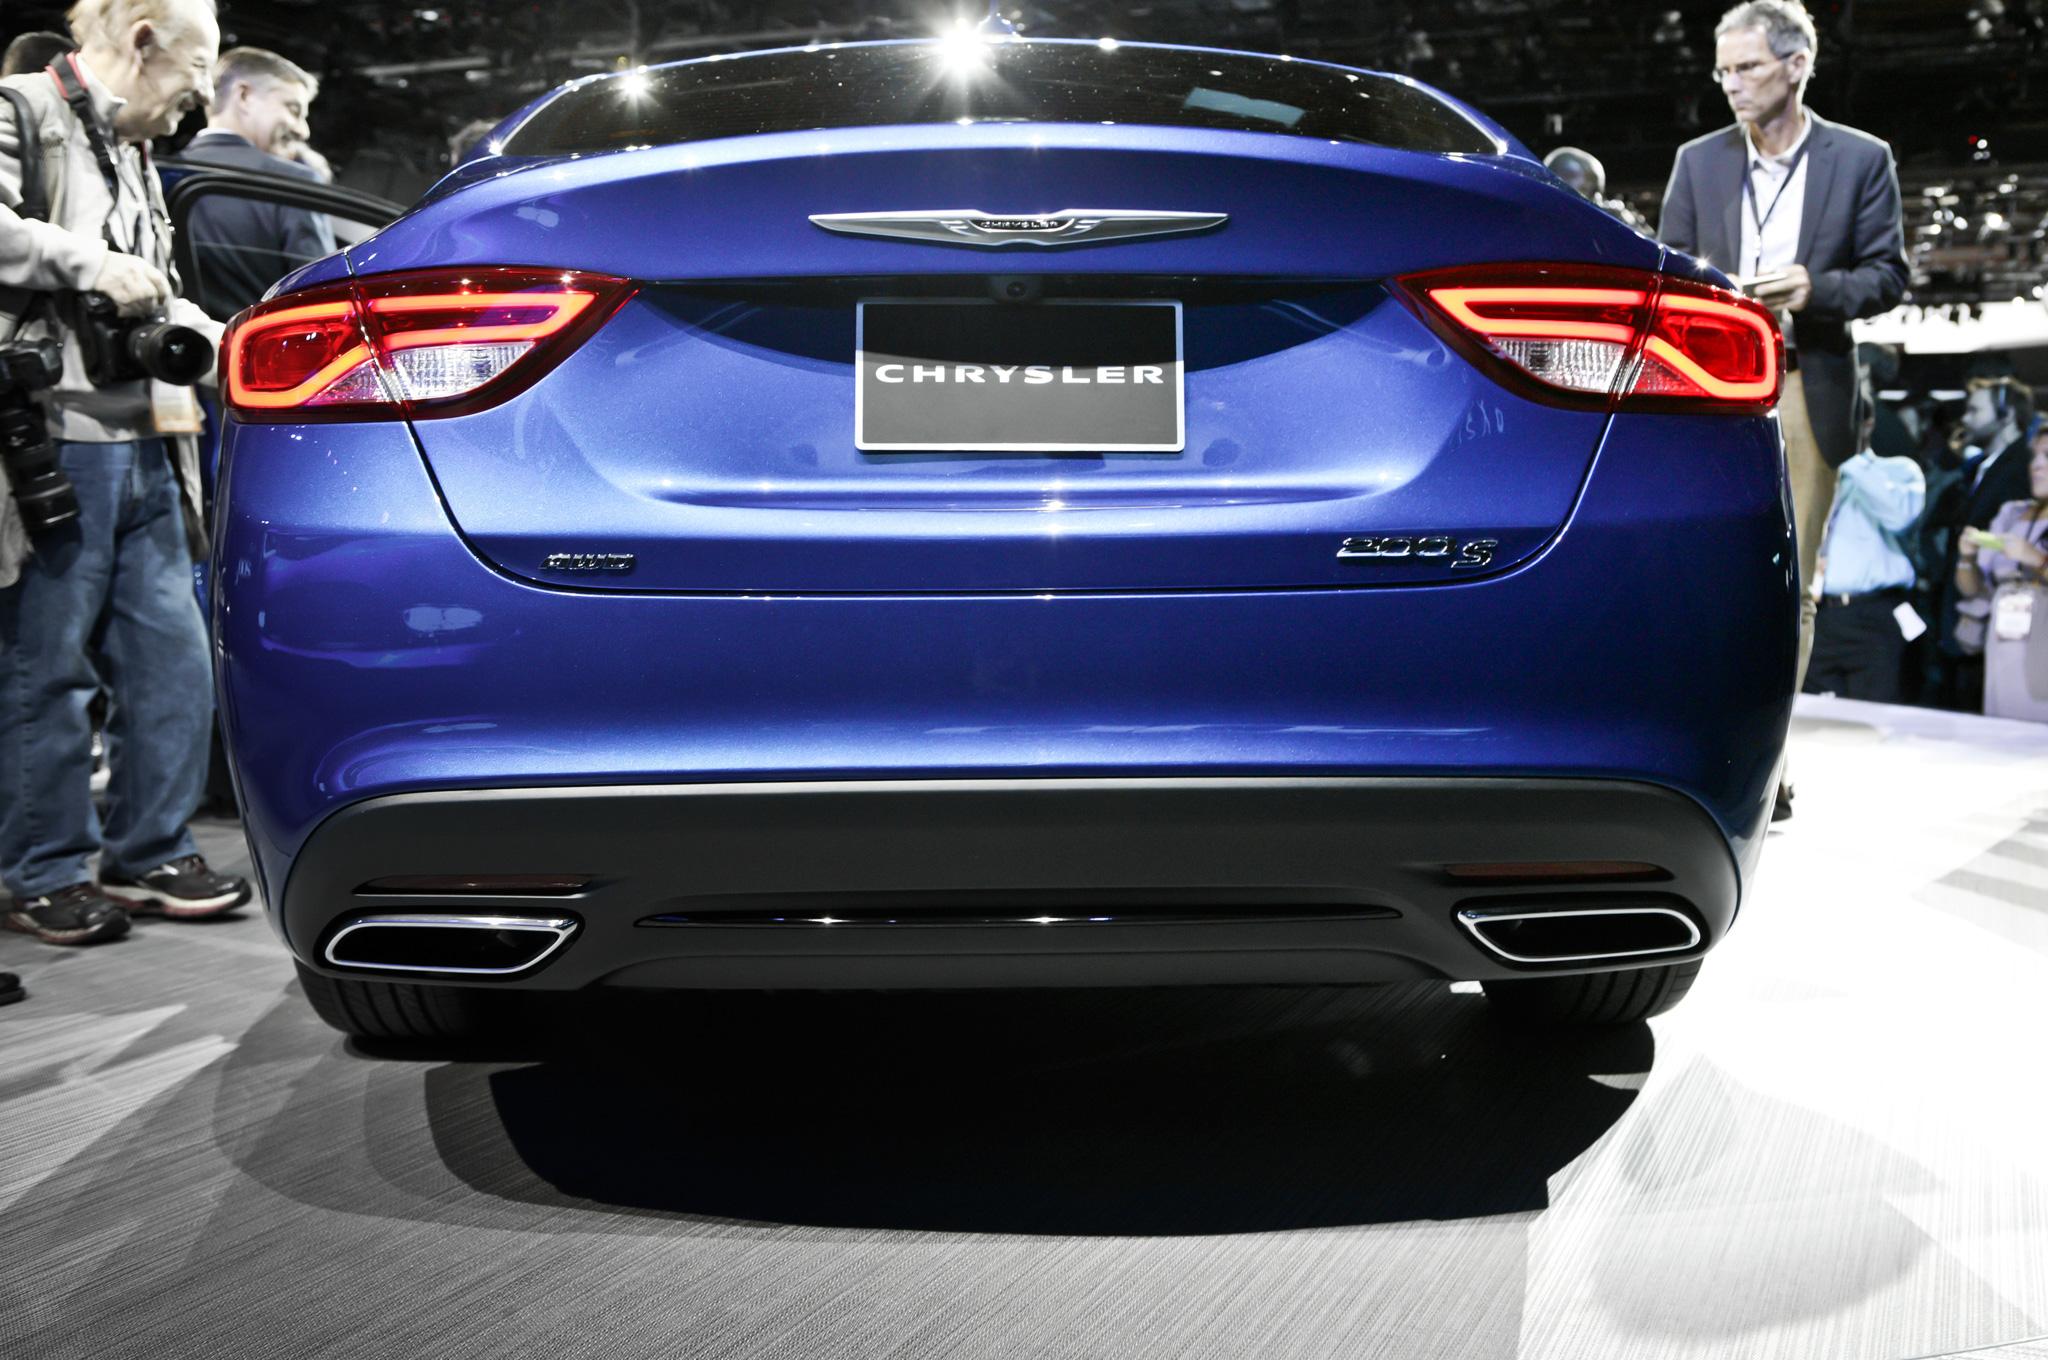 Chrysler 200 Rear >> 2015 Chrysler 200 In Detroit Blue Rear View Autopark